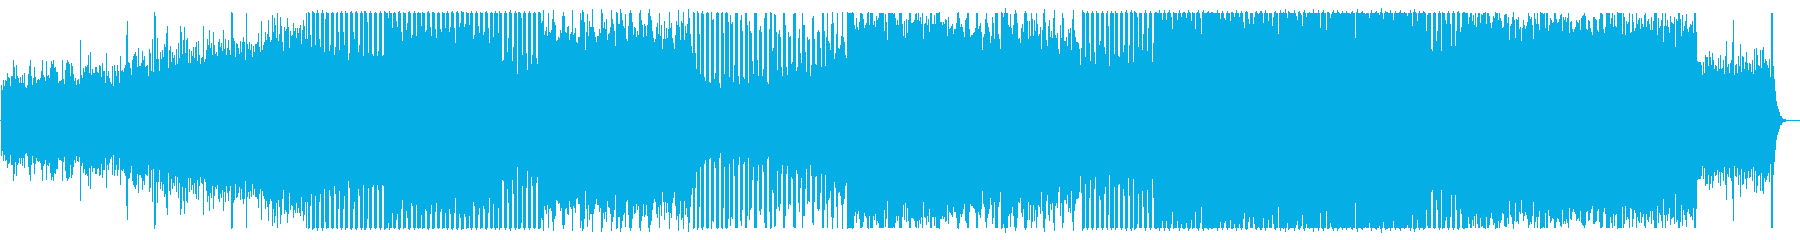 透明感がある経済的なテクノBGMの再生済みの波形